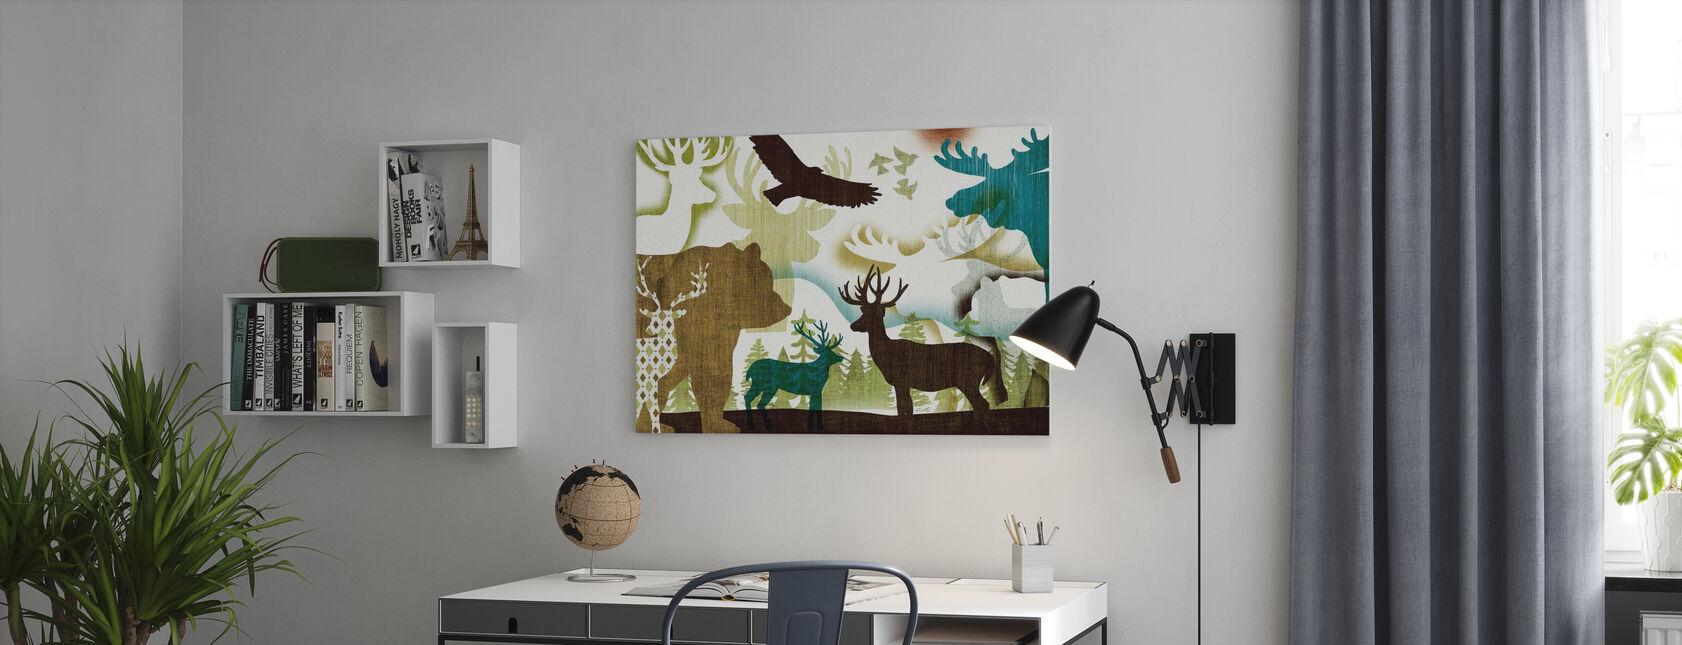 Collage Abitante I - Stampa su tela - Uffici